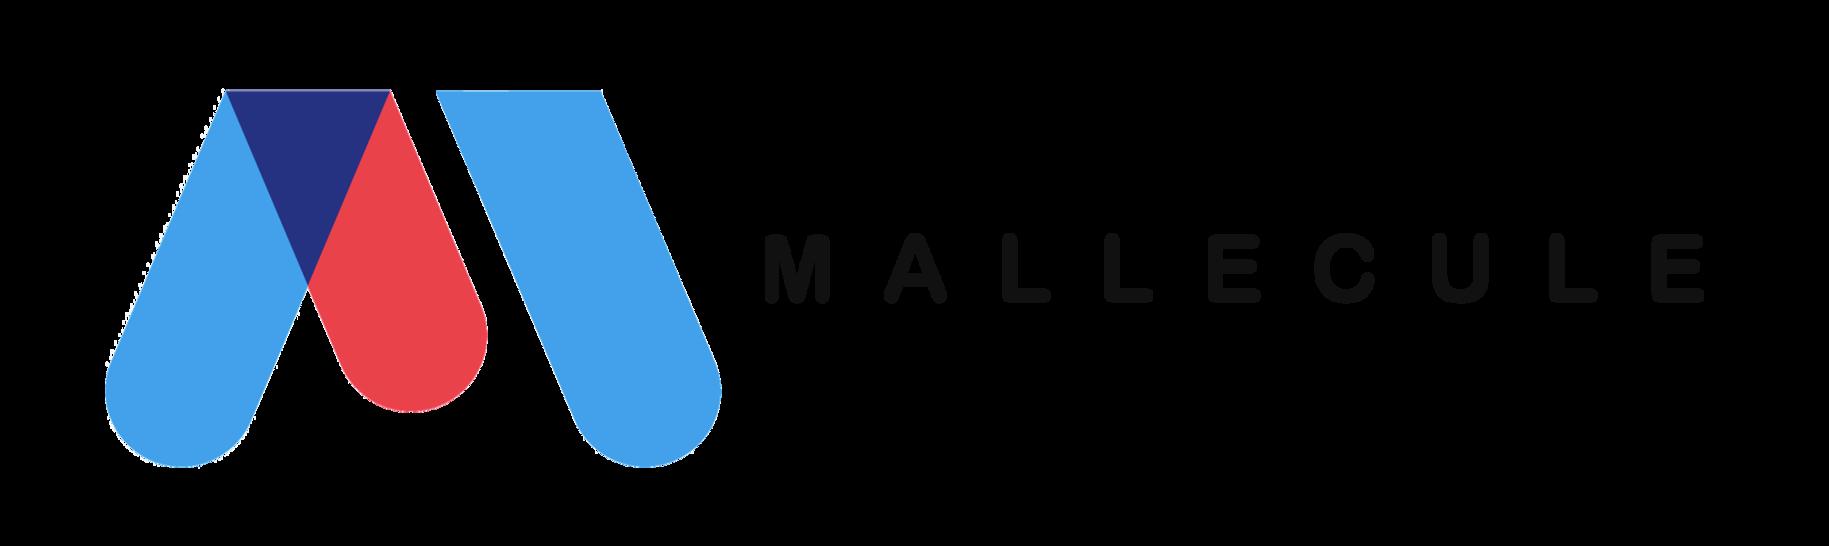 Mallecule logo